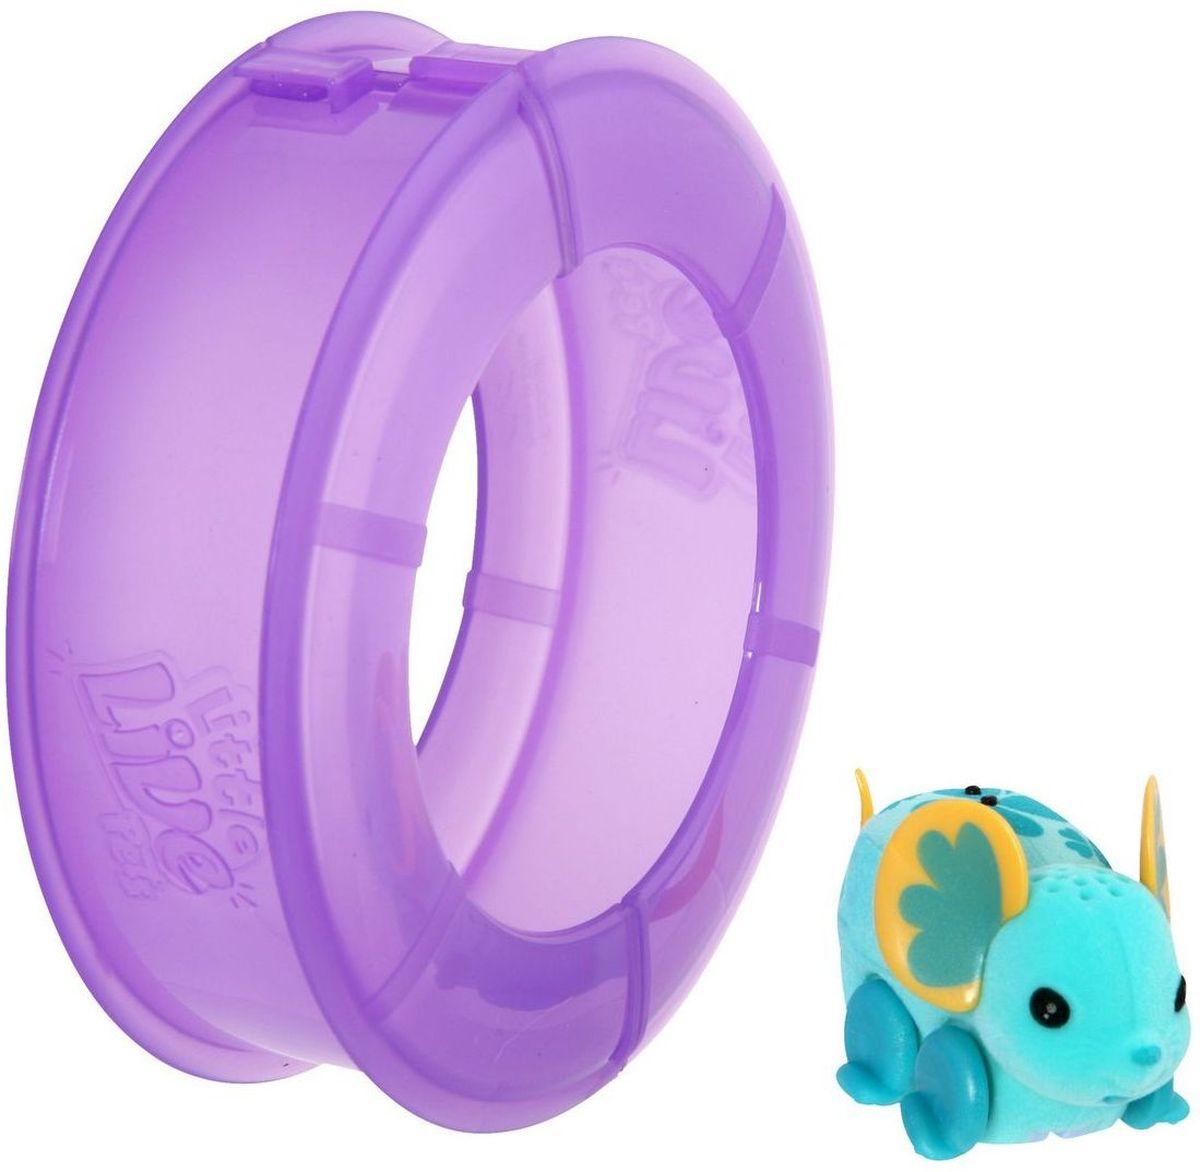 Little Live Pets Интерактивная игрушка Мышка в колесе цвет голубой28195/ast28173(28193,28194,28195)Интерактивная игрушка Little Live Pet Мышка в колесе изготовлена из высокопрочного пластика, обтянутого флоком. Тело игрушки на ощупь напоминает настоящую шерстку мышонка. Мышка легко и быстро двигается по полу комнаты в колесе благодаря колесикам. Ее красивые ушки разукрашены яркими узорами. Мышка издает писк и фырканье, очень похожие на настоящие. Кнопка включения расположена на месте рта. Сенсор расположен на спине мышки. Достаточно провести по нему пальцем, чтобы мышка начала движение. Рекомендовано для детей от 5 лет. Для работы требуются 3 батарейки типа AG13 (LR44) (комплектуется демонстрационными).